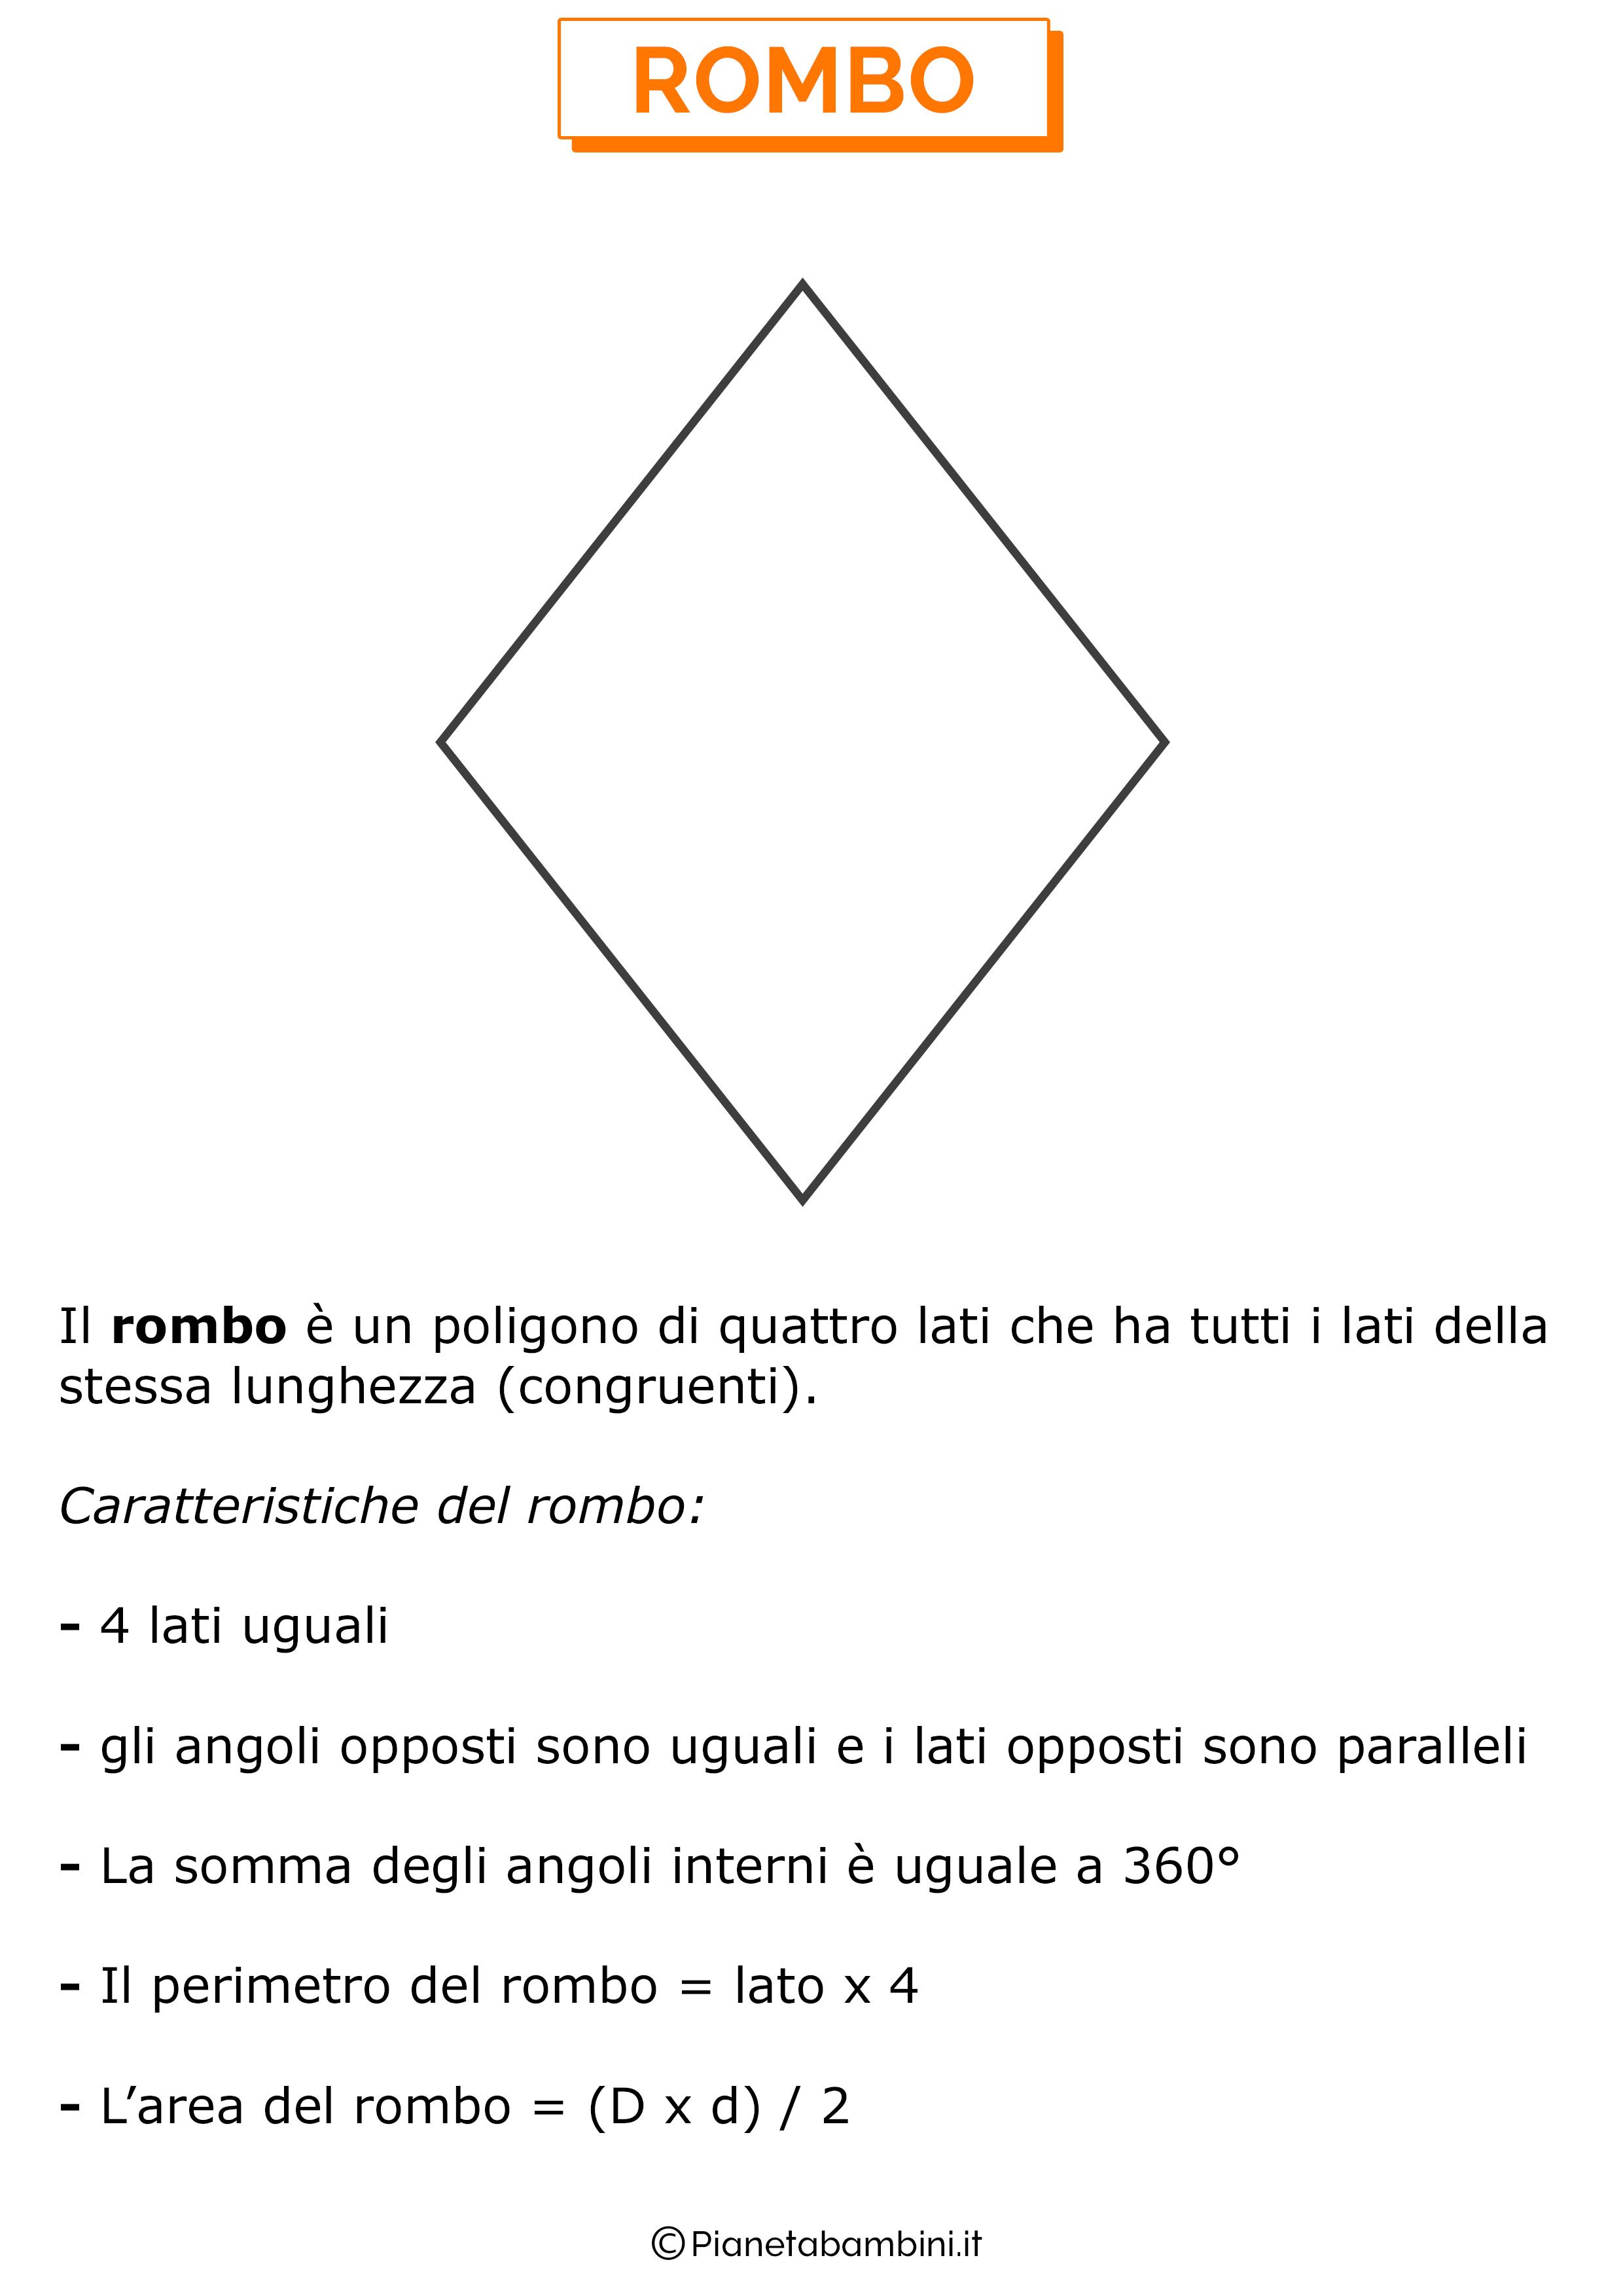 Caratteristiche del rombo